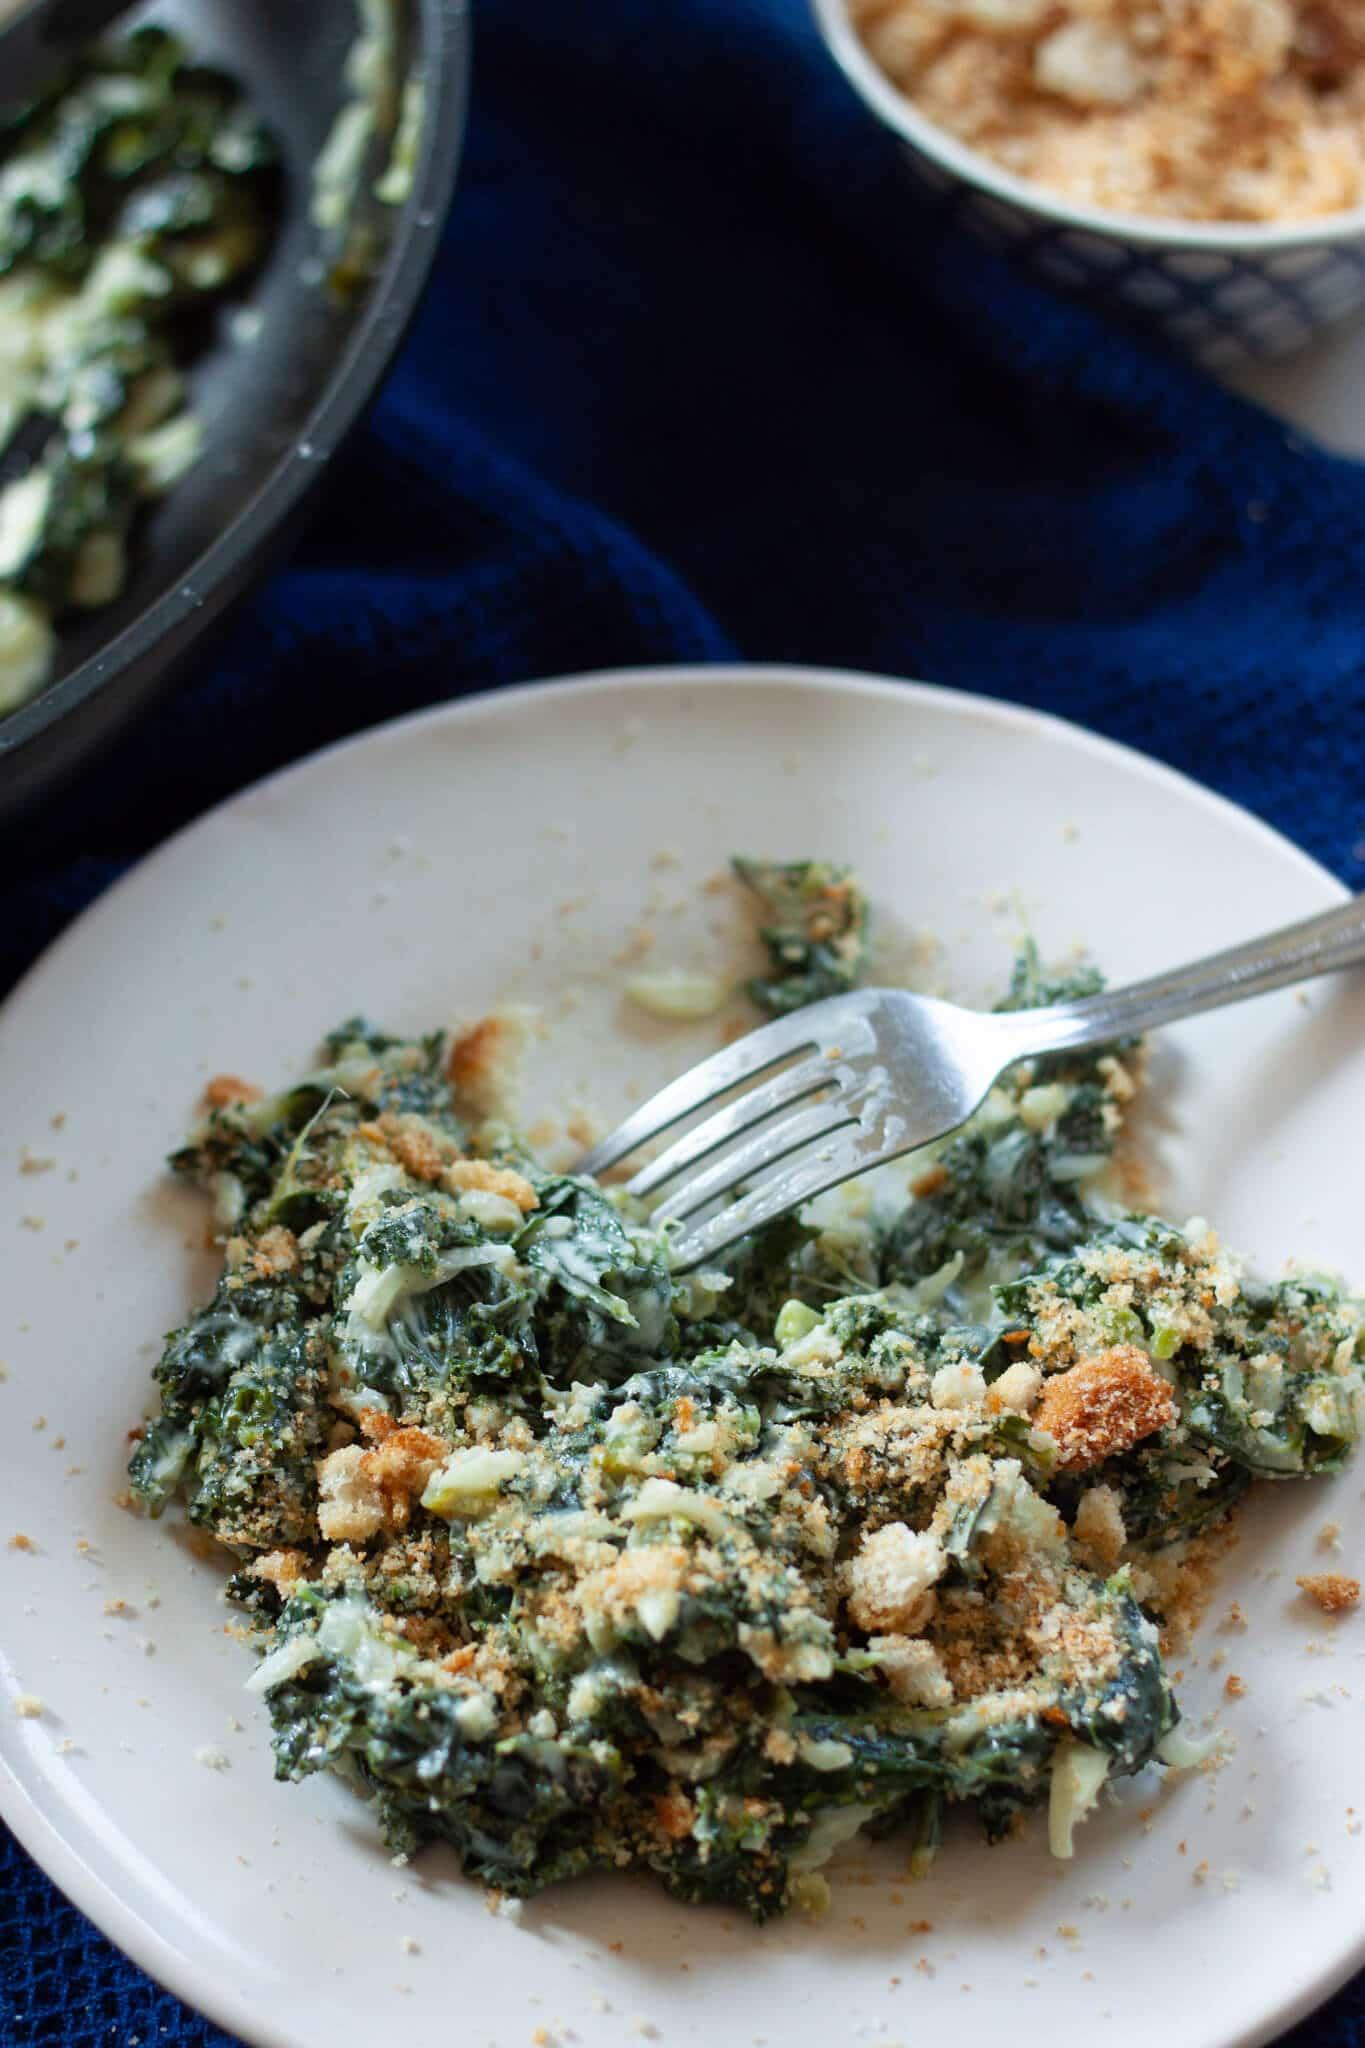 Dinner of Creamed Kale